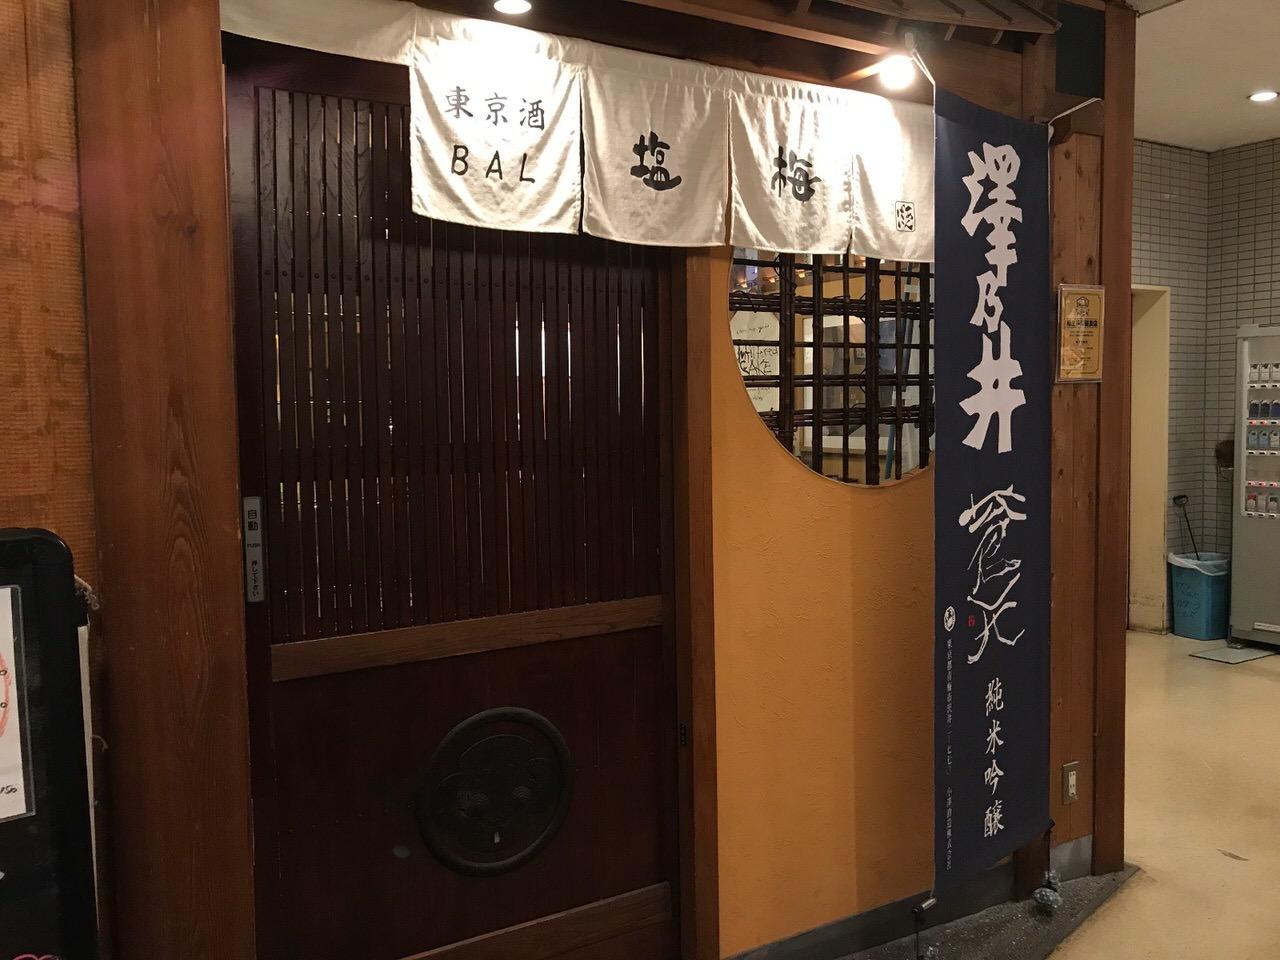 神楽坂 塩梅 入口